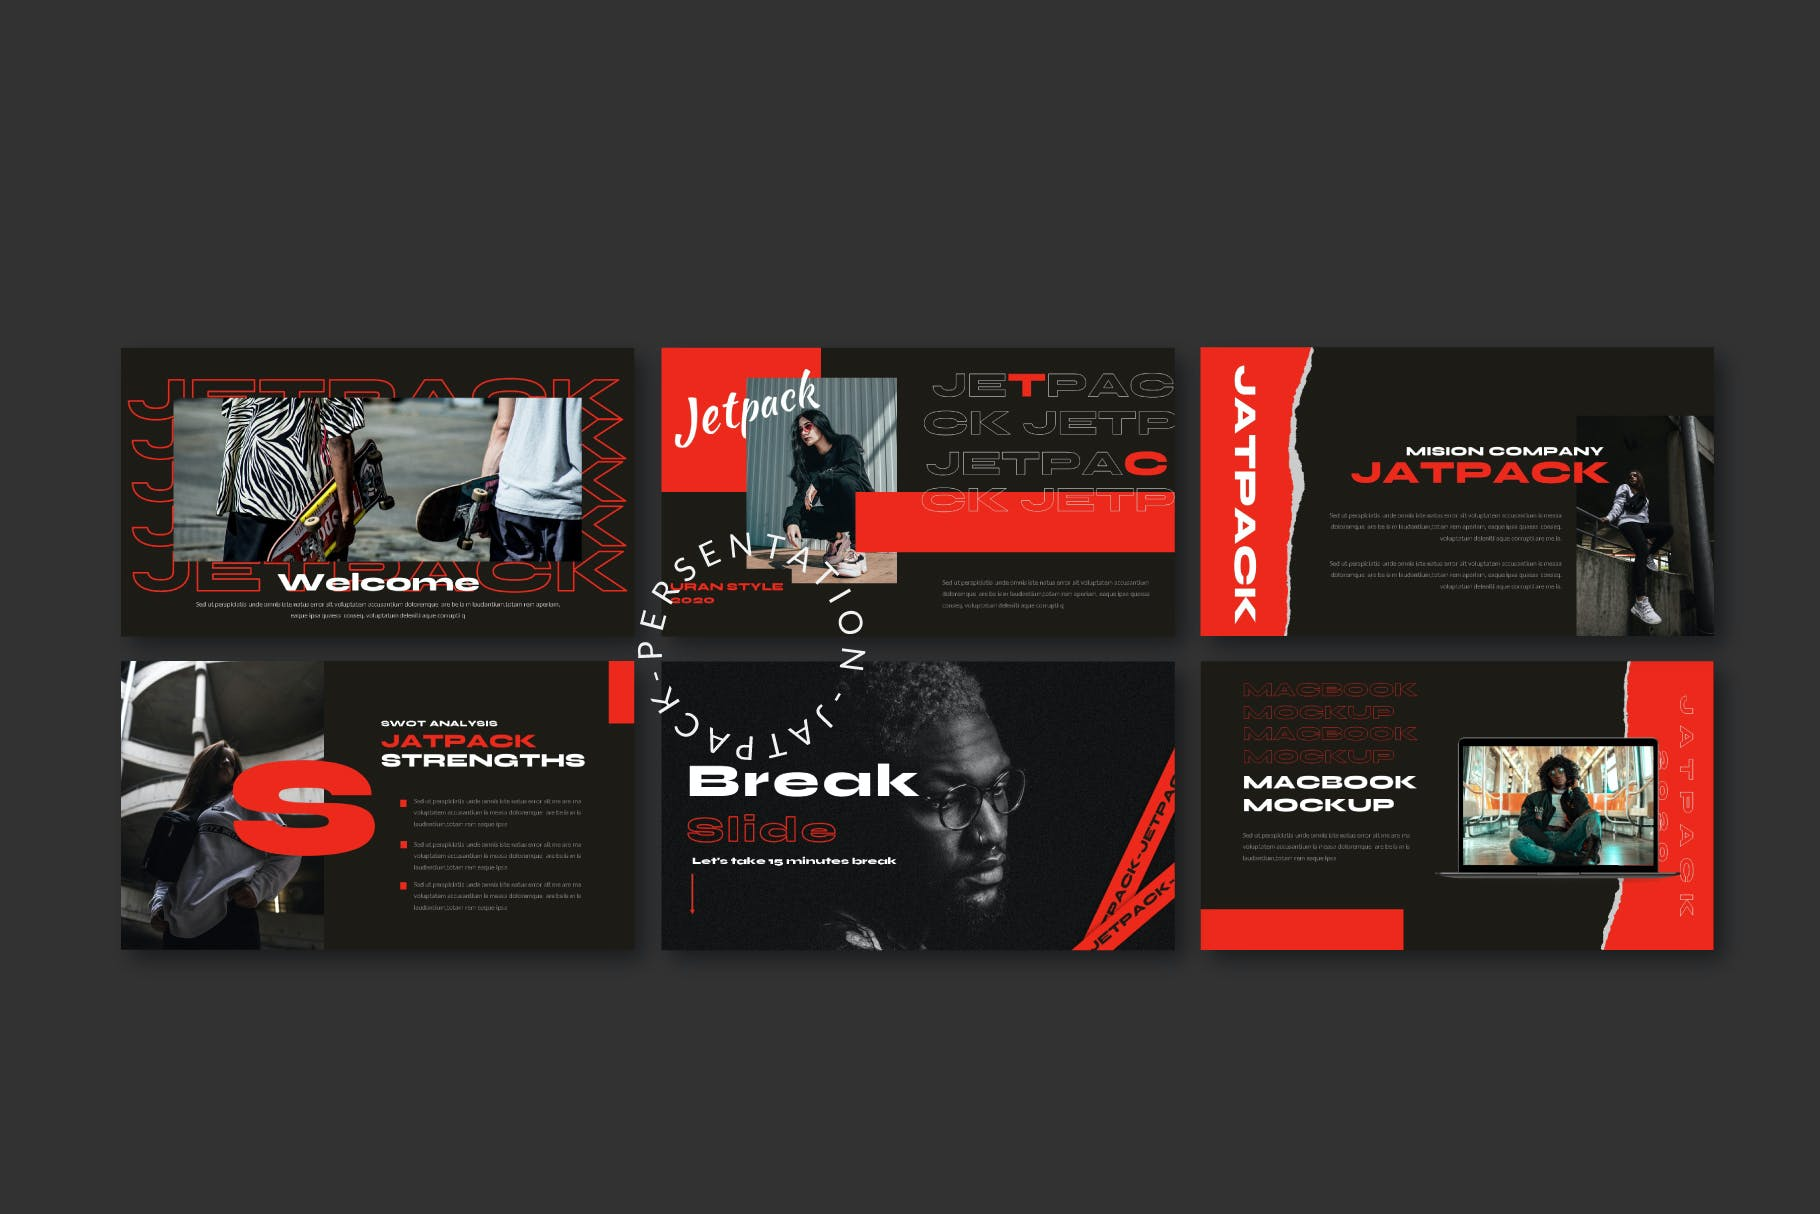 时尚潮流街头文化潮牌品牌推广深色PPT演示文稿模板 Jetpack – Powerpoint Template插图(7)